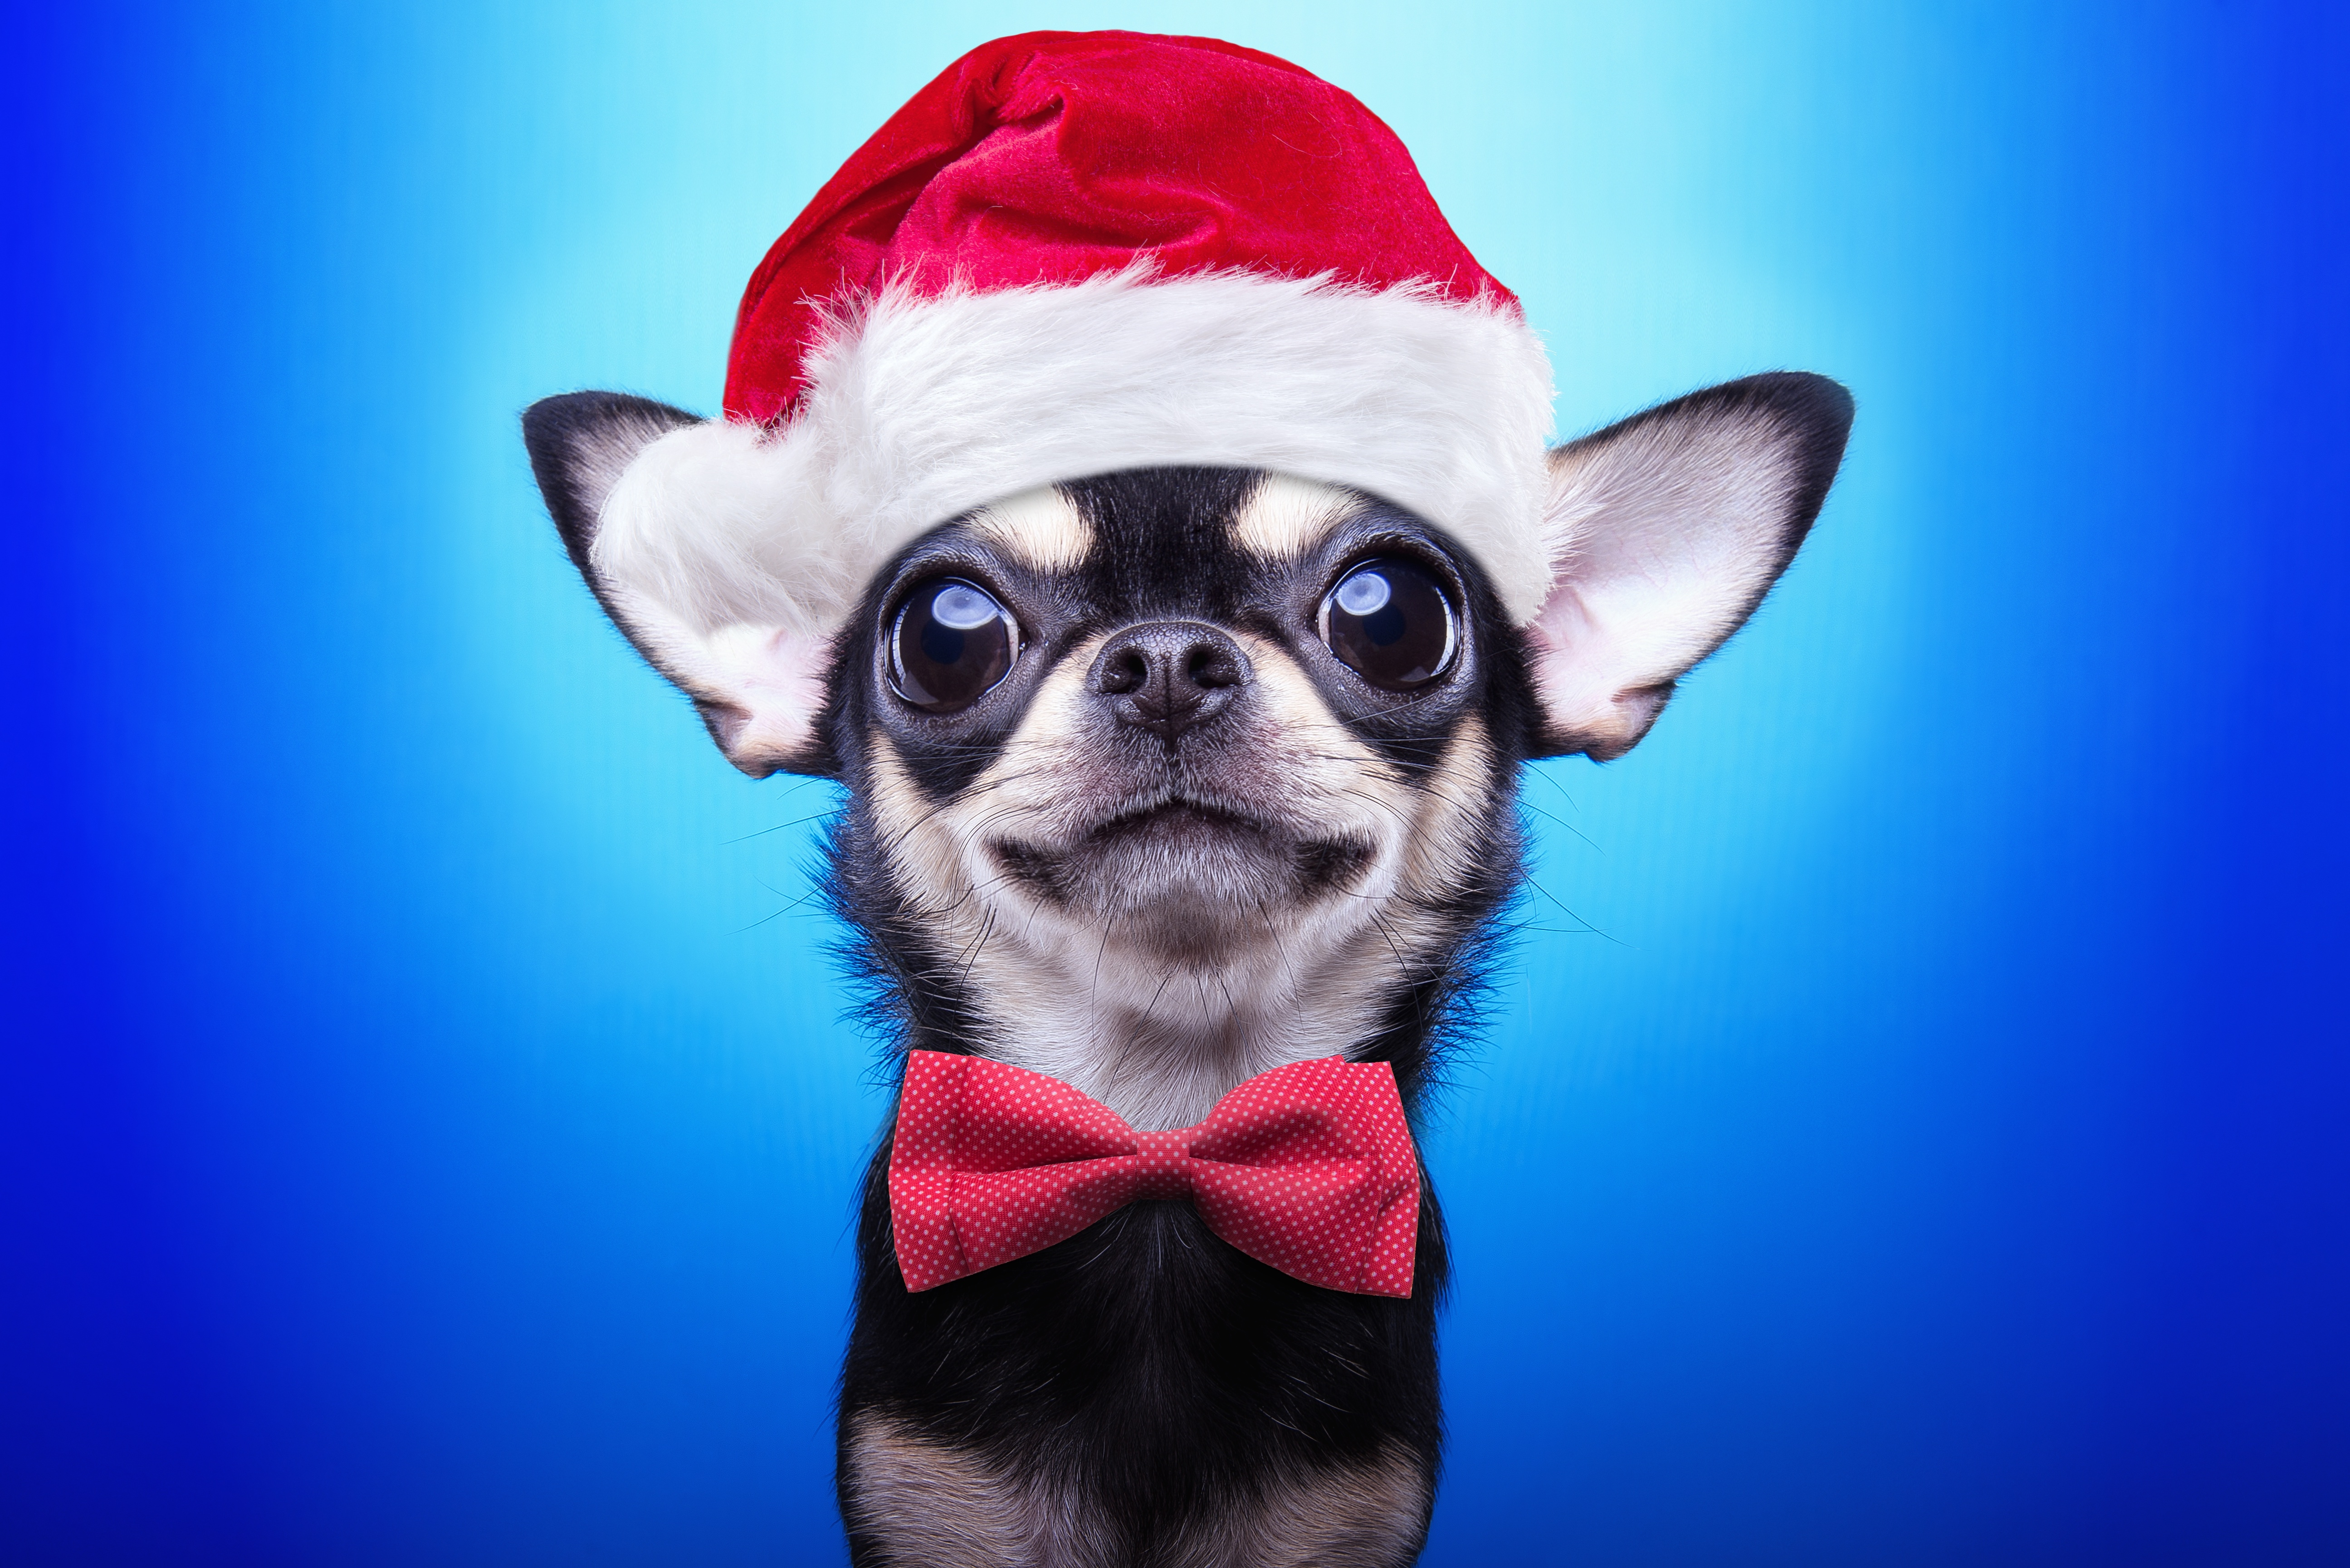 Fondos de pantalla Perro Chihuahua con Gorro de Navidad